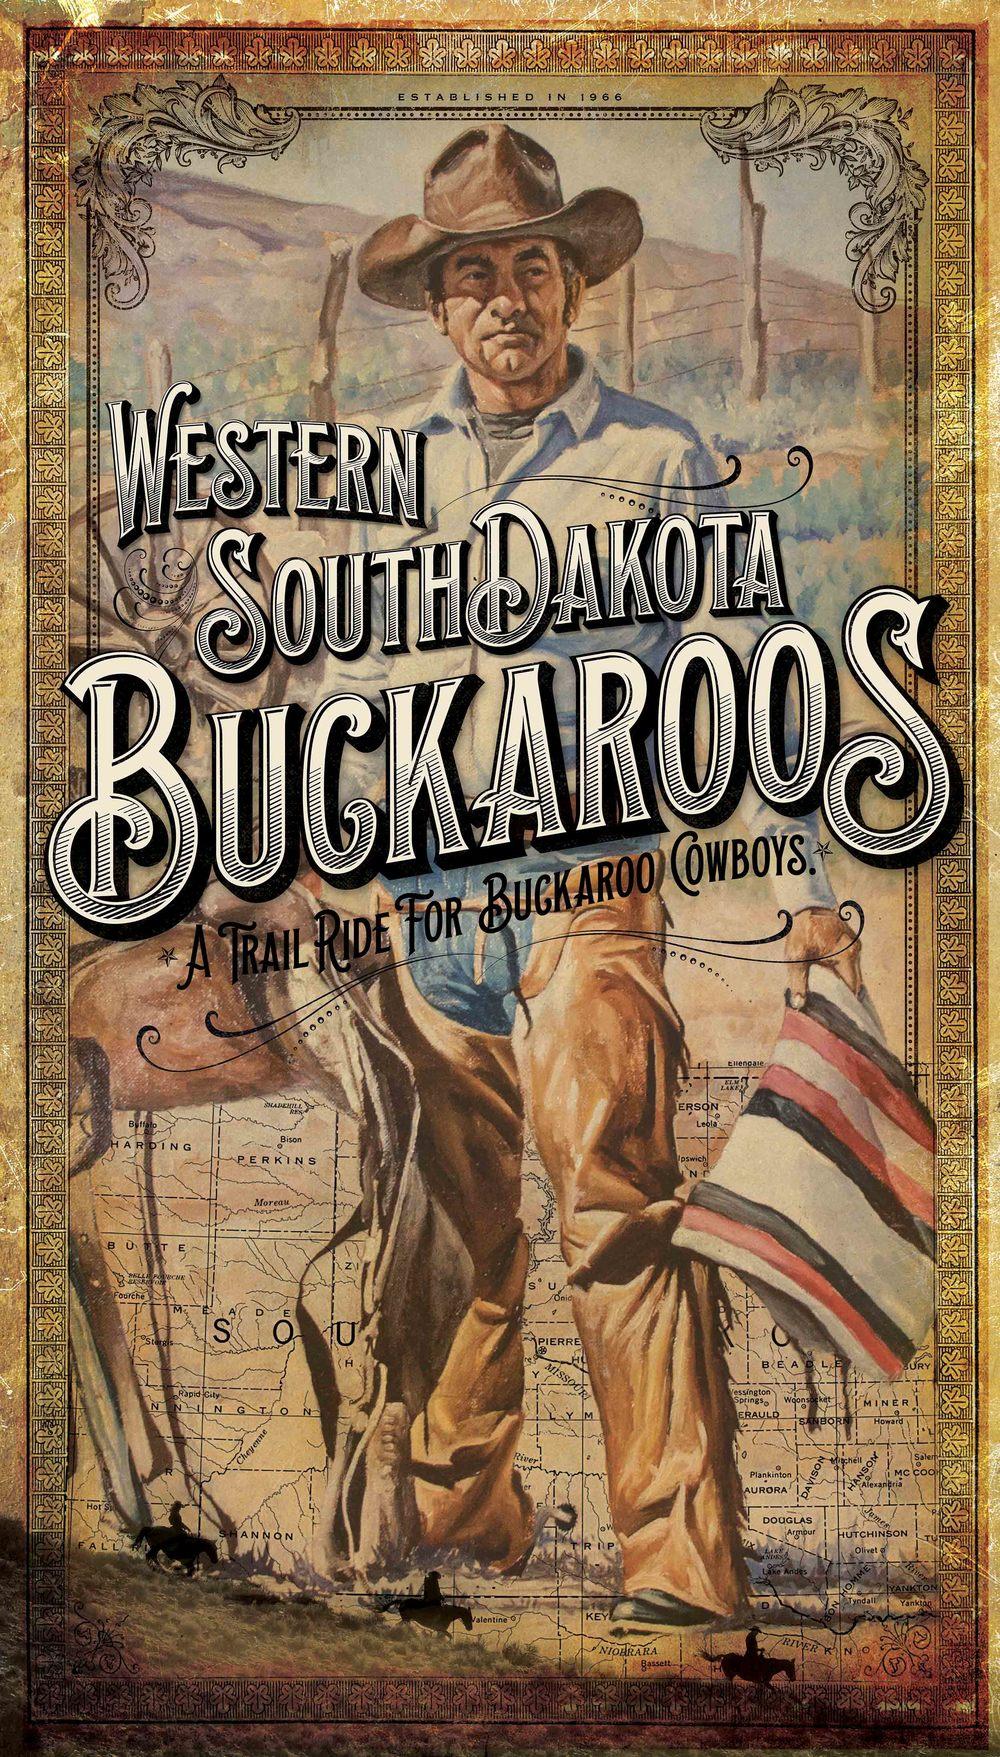 WesternSDBuckaroosPoster2.jpg